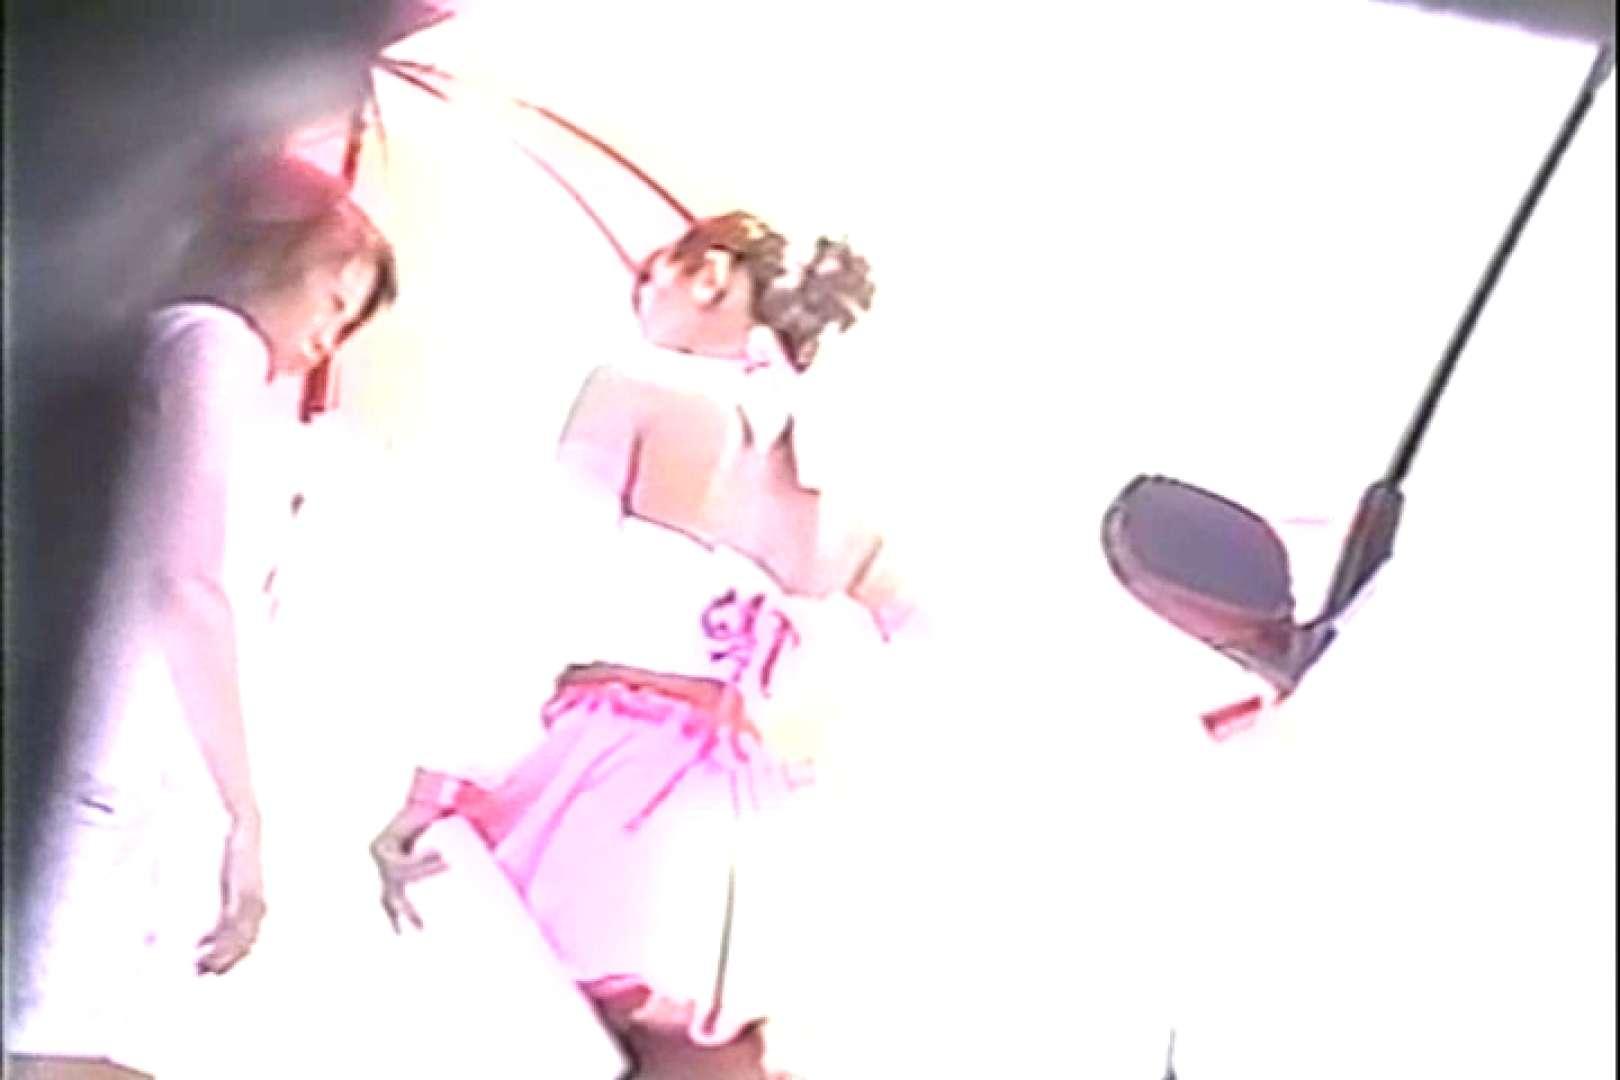 「ちくりん」さんのオリジナル未編集パンチラVol.3_01 お姉さんヌード | ぱっくり下半身  100画像 7